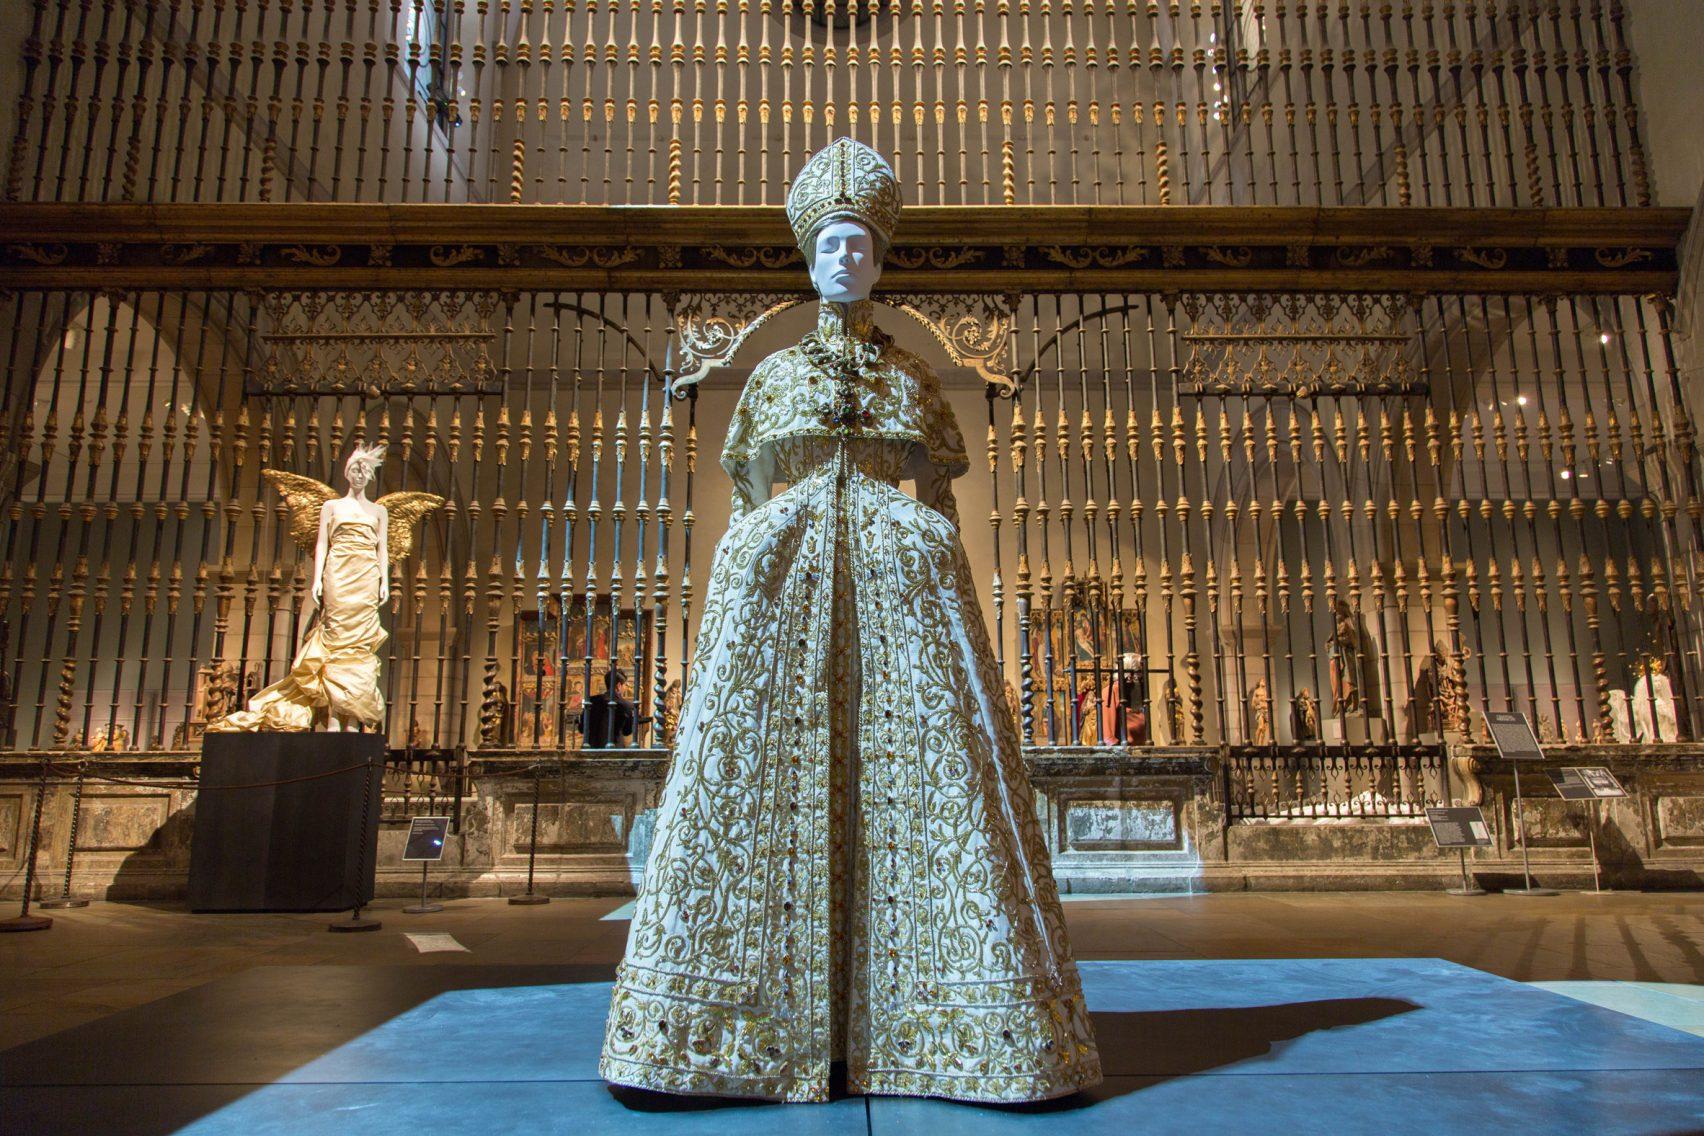 heavenly-bodies-the-met-cloisters-exhibit-new-york-city-usa_dezeen_2364_col_2-1704x1136.jpg